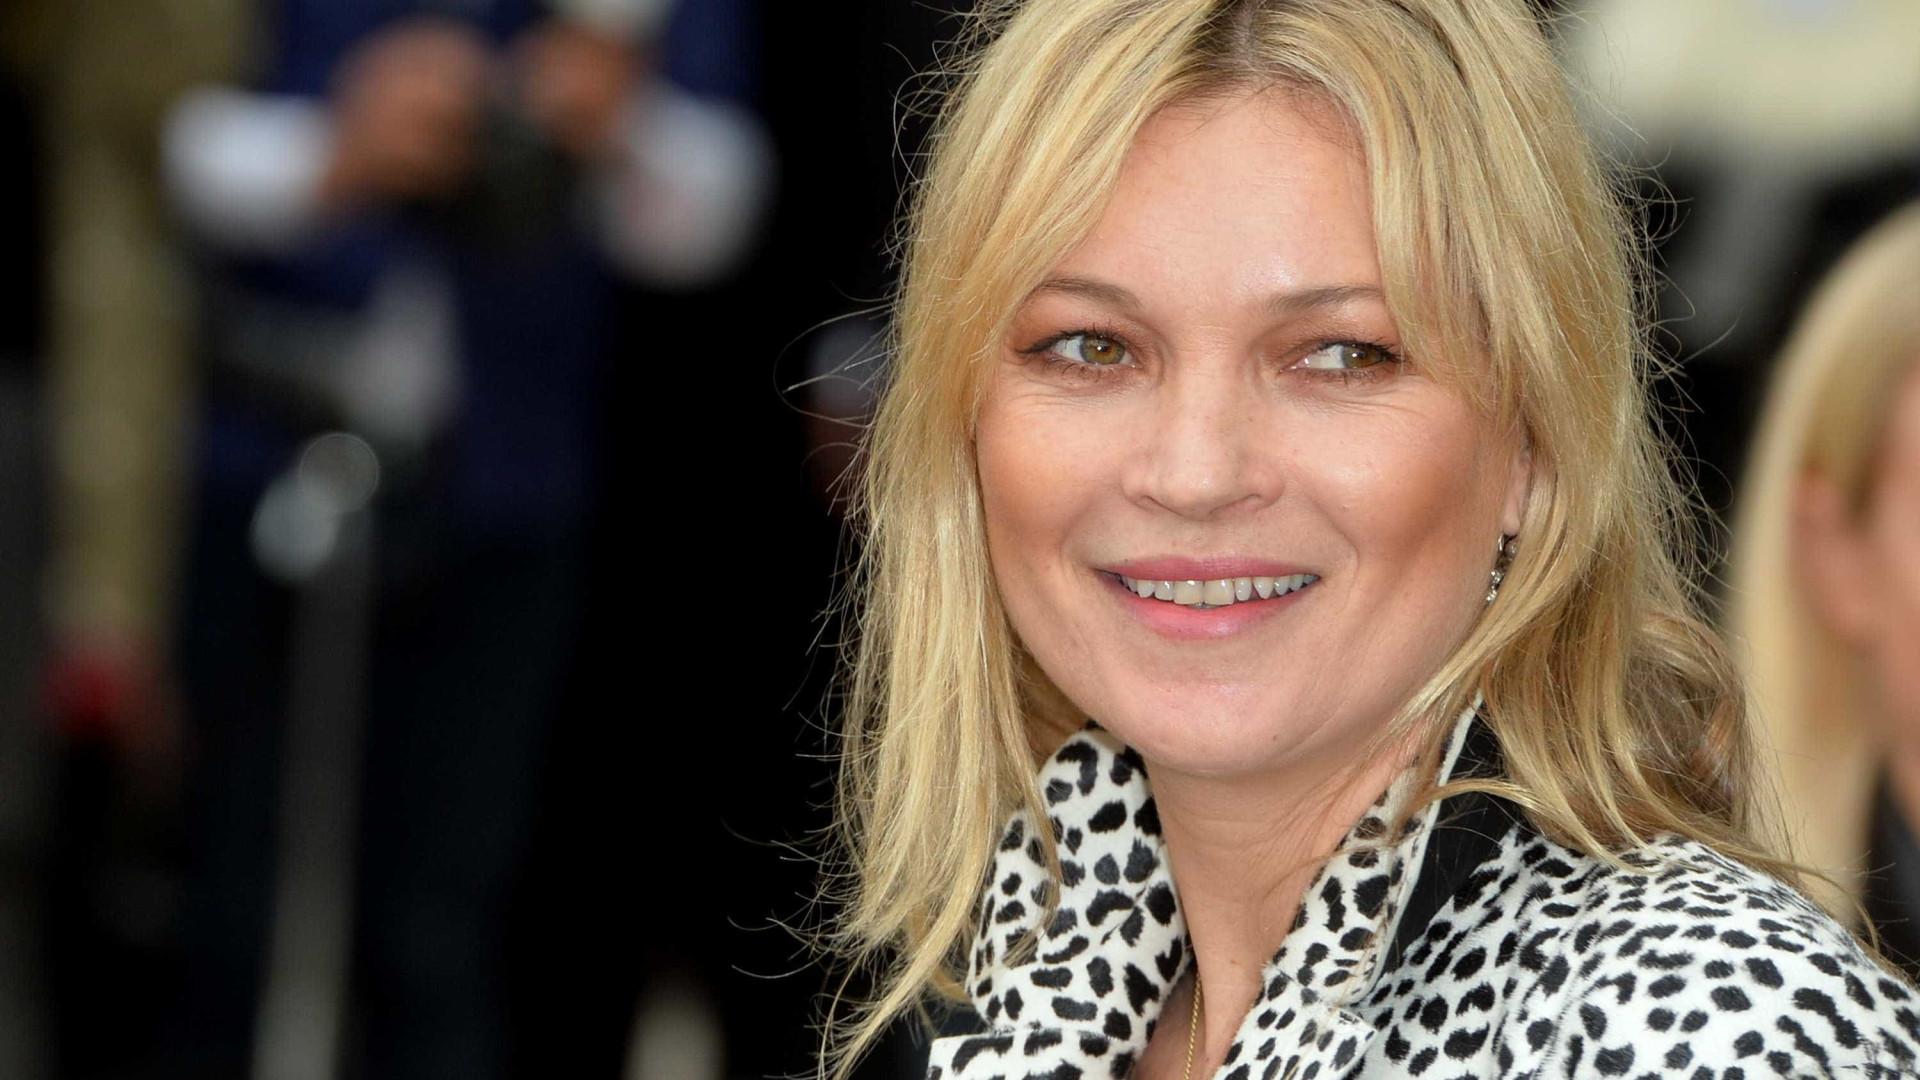 Filha de Kate Moss segue pisadas da mãe e torna-se modelo